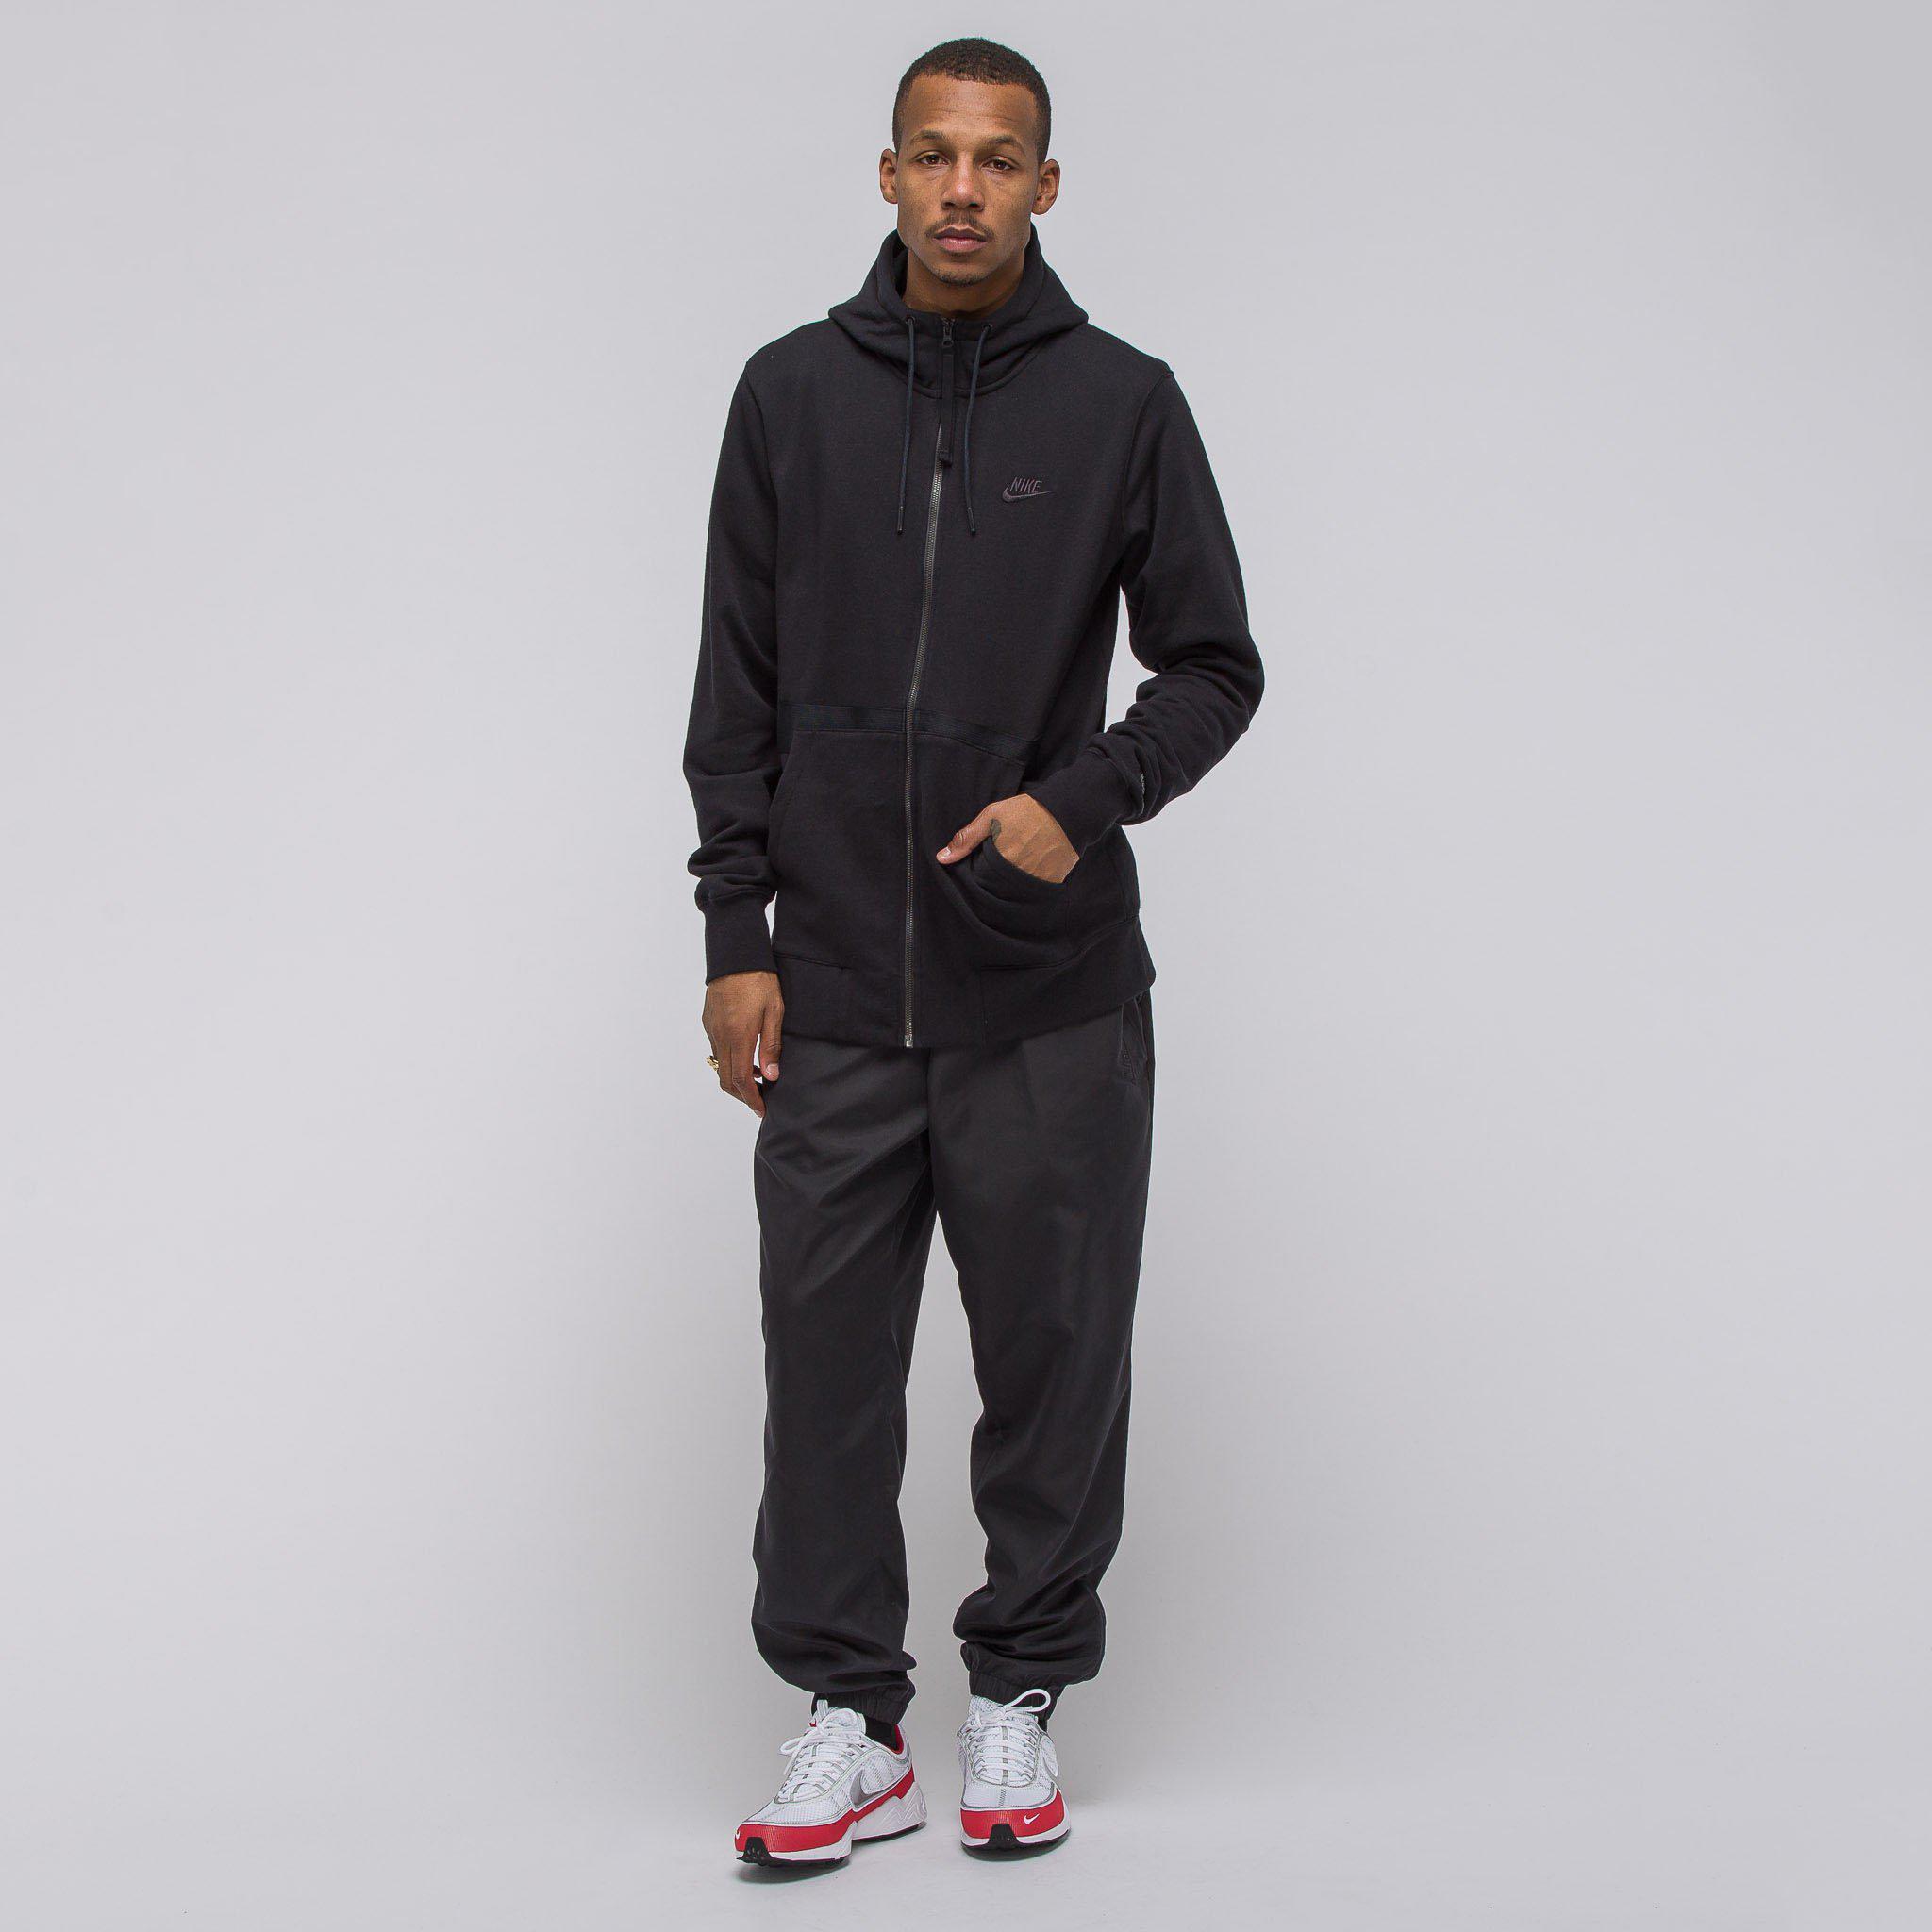 8377847a4b99 Lyst - Nike Sportswear Air Force 1 Fullzip Fleece Hoodie In Black in ...